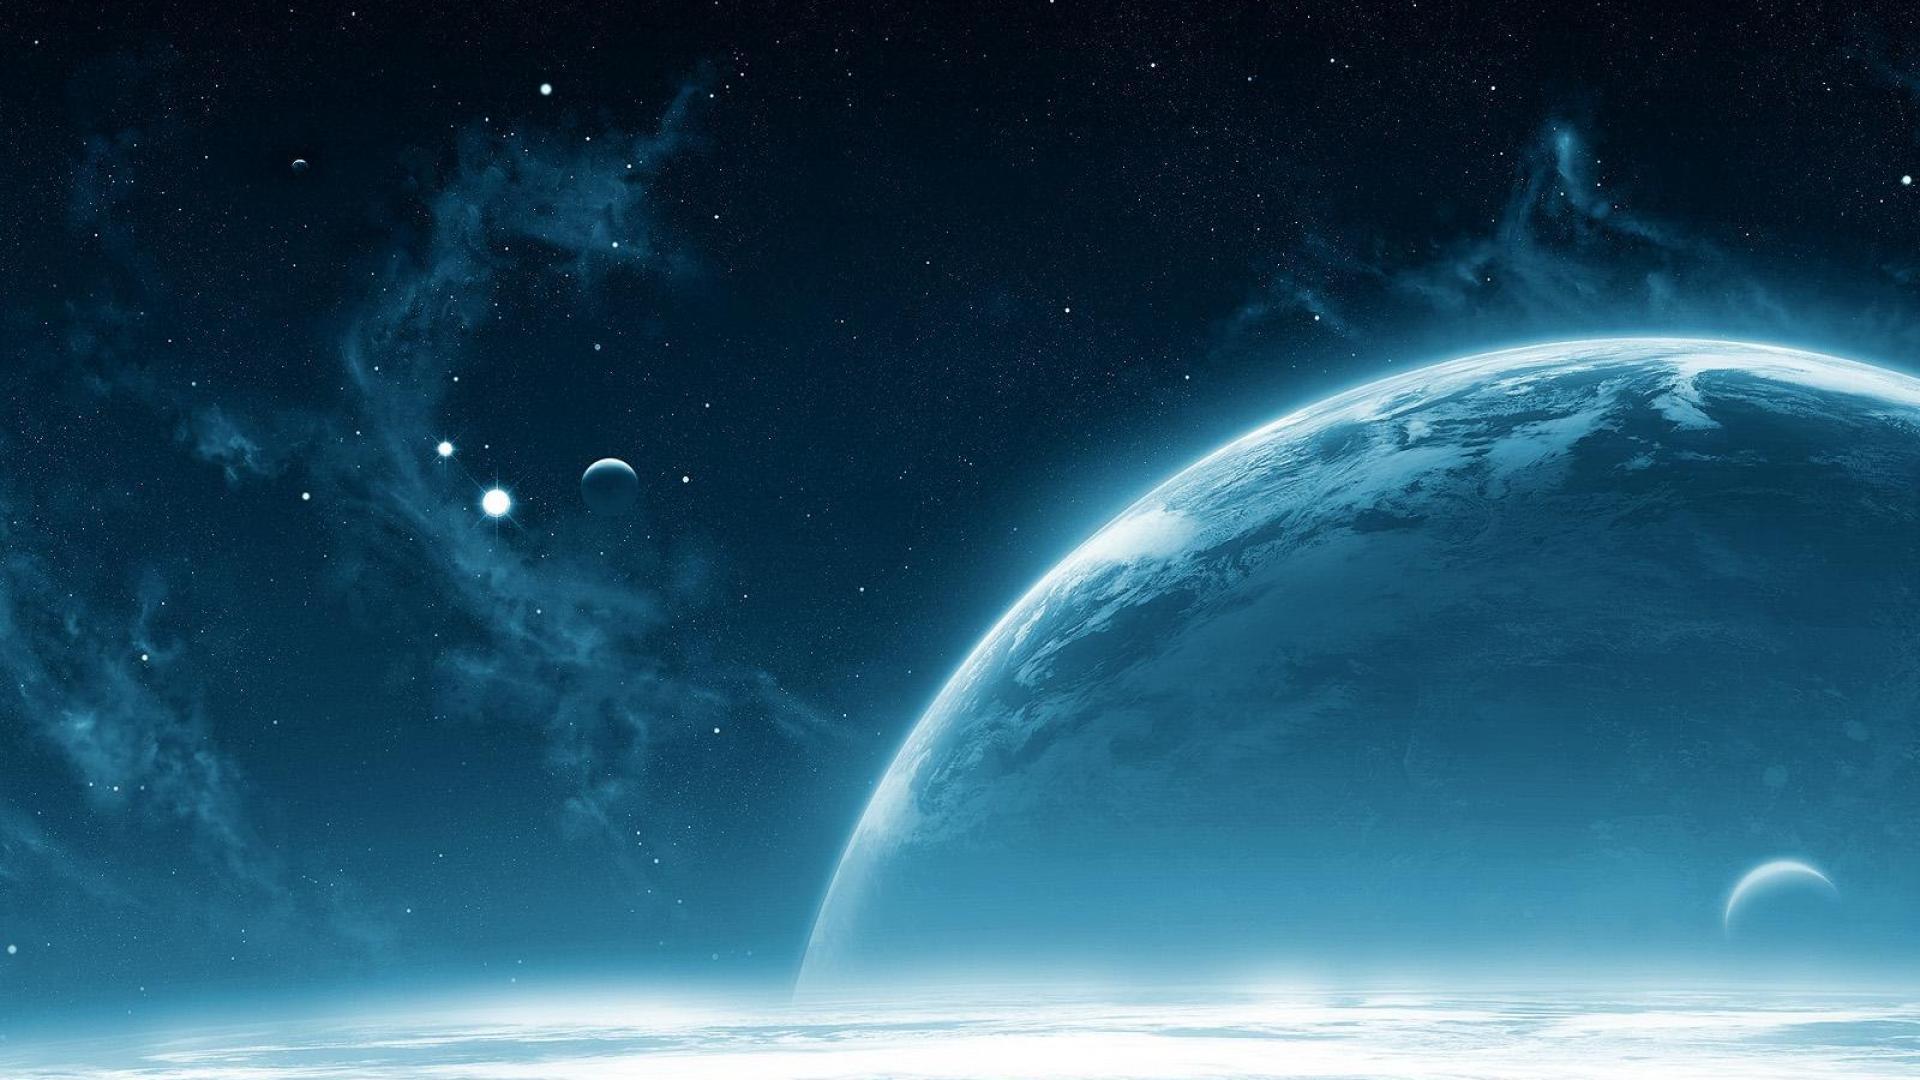 Planet Crazy Nature Space Hd Wallpaper Hq Desktop 1920x1080px